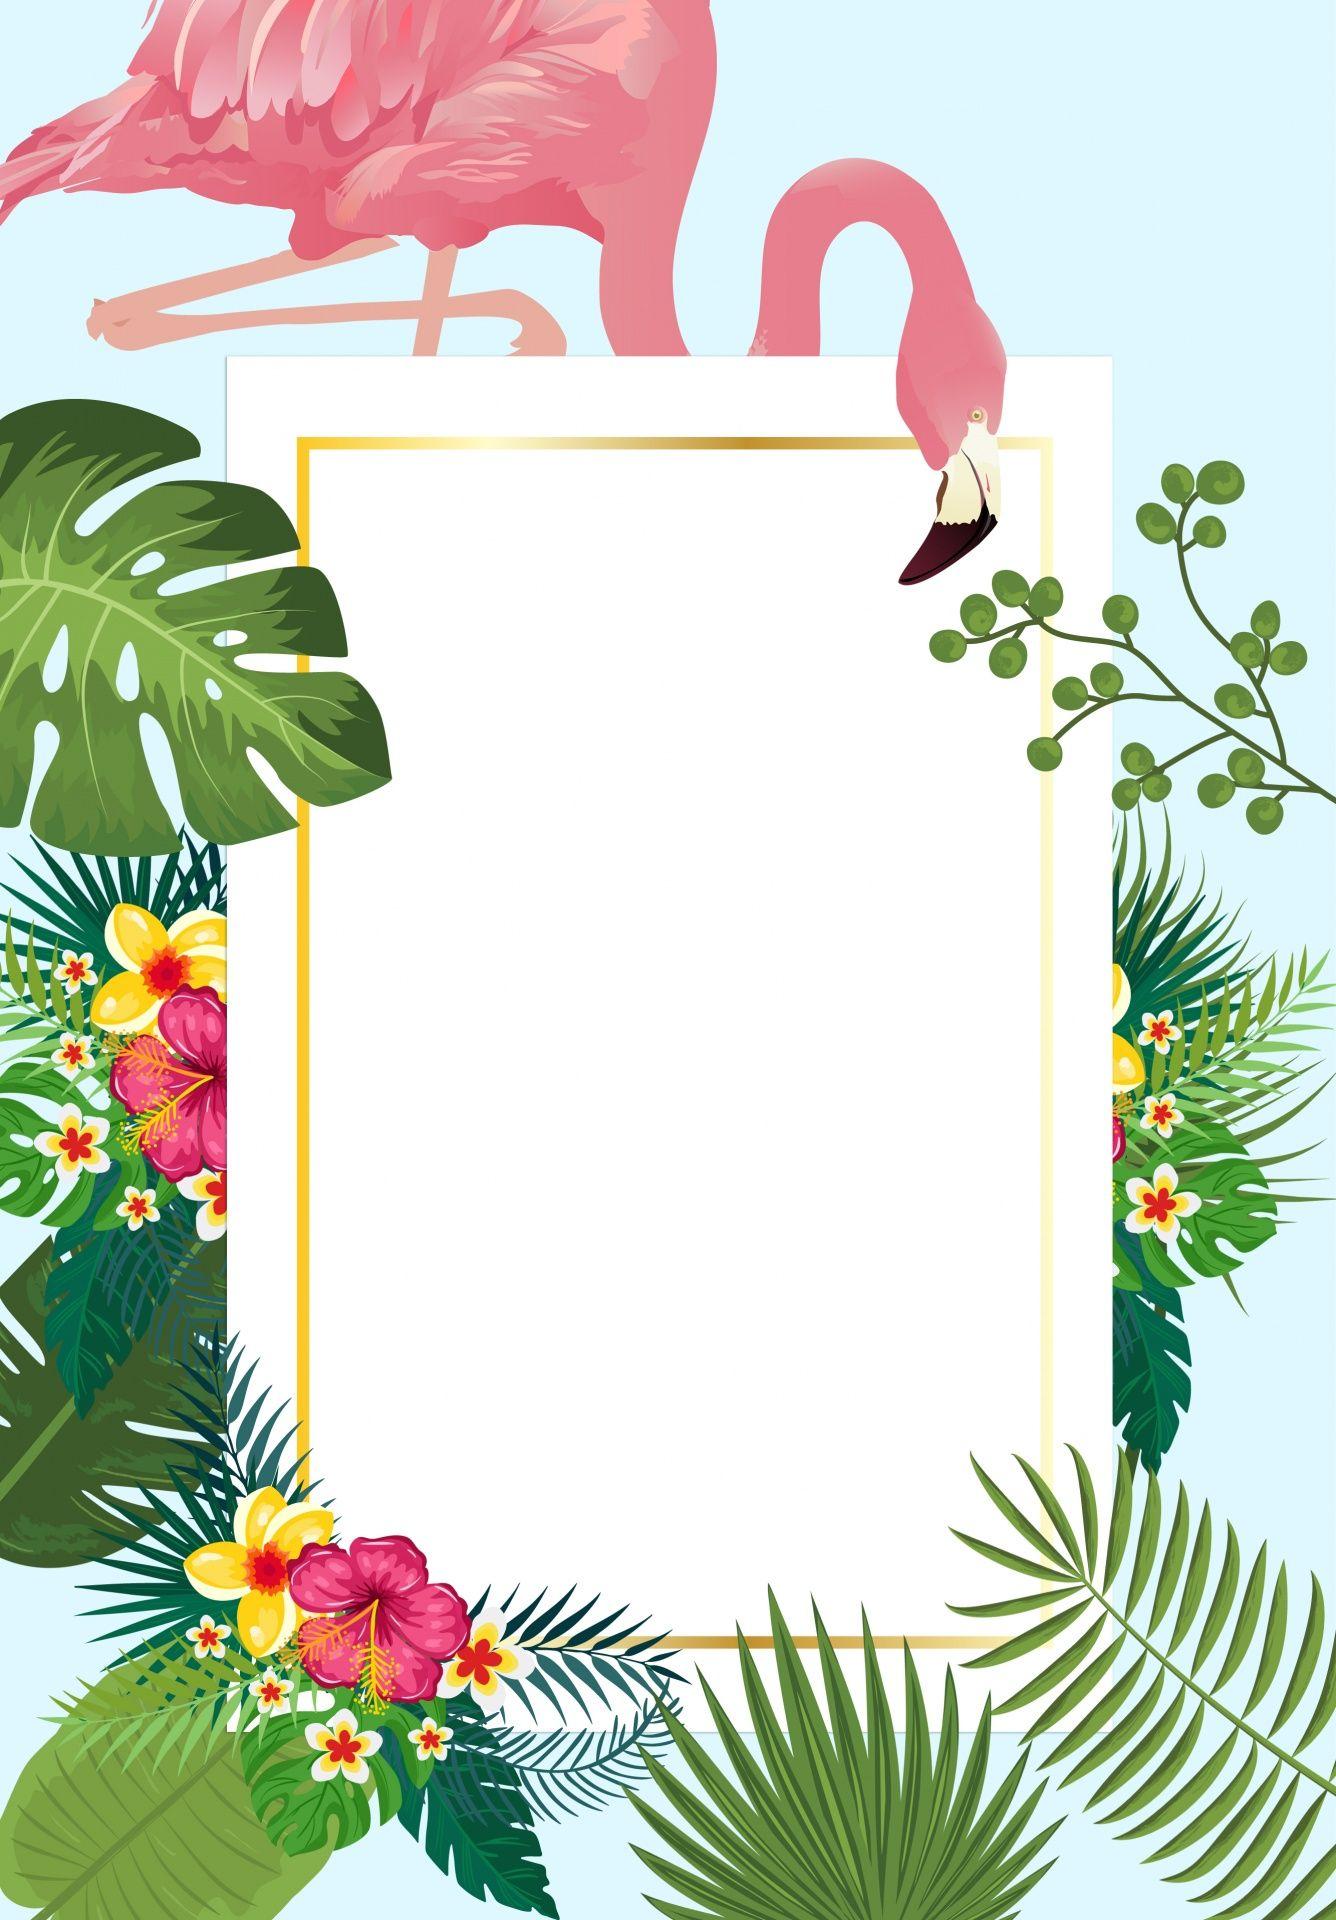 Flamingo Tropical Invitation Card Convite Festa Havaiana Convite De Aniversario Tropical Festa De Aniversario Flamingo